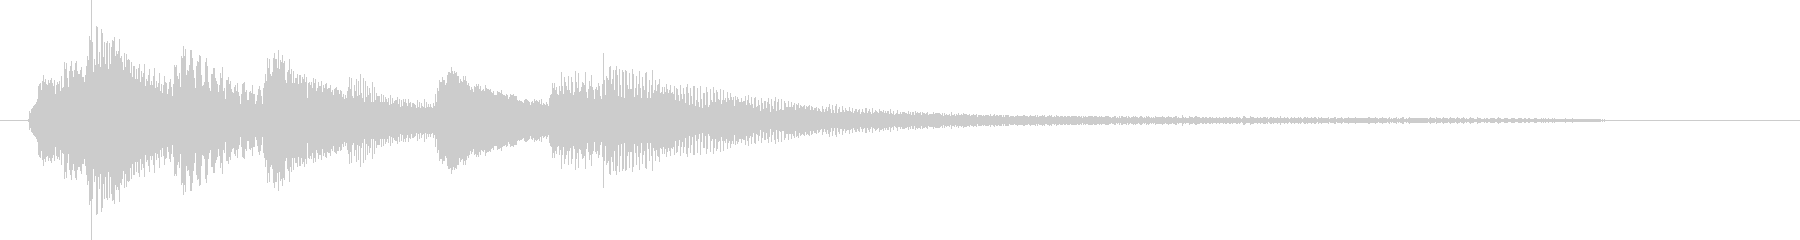 爽やかでシンプルなピアノのみのジングルの未再生の波形